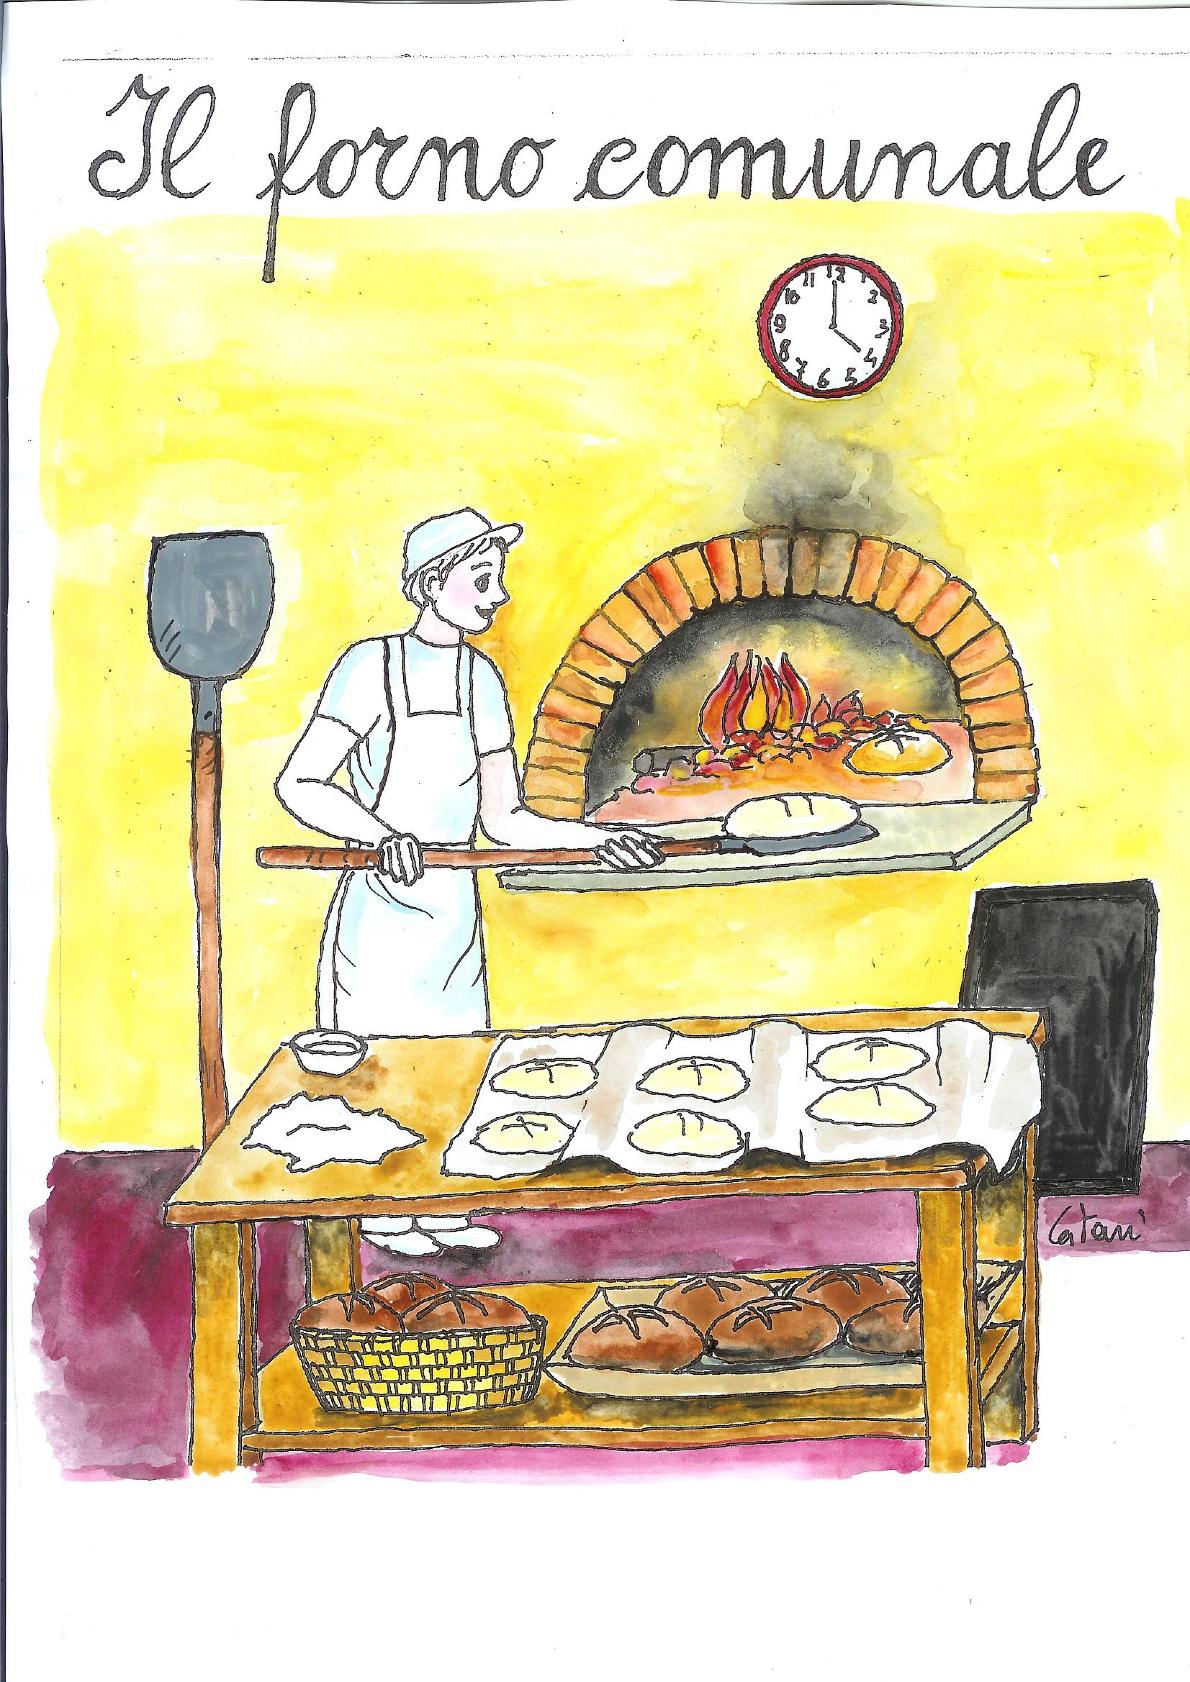 Il forno comunale